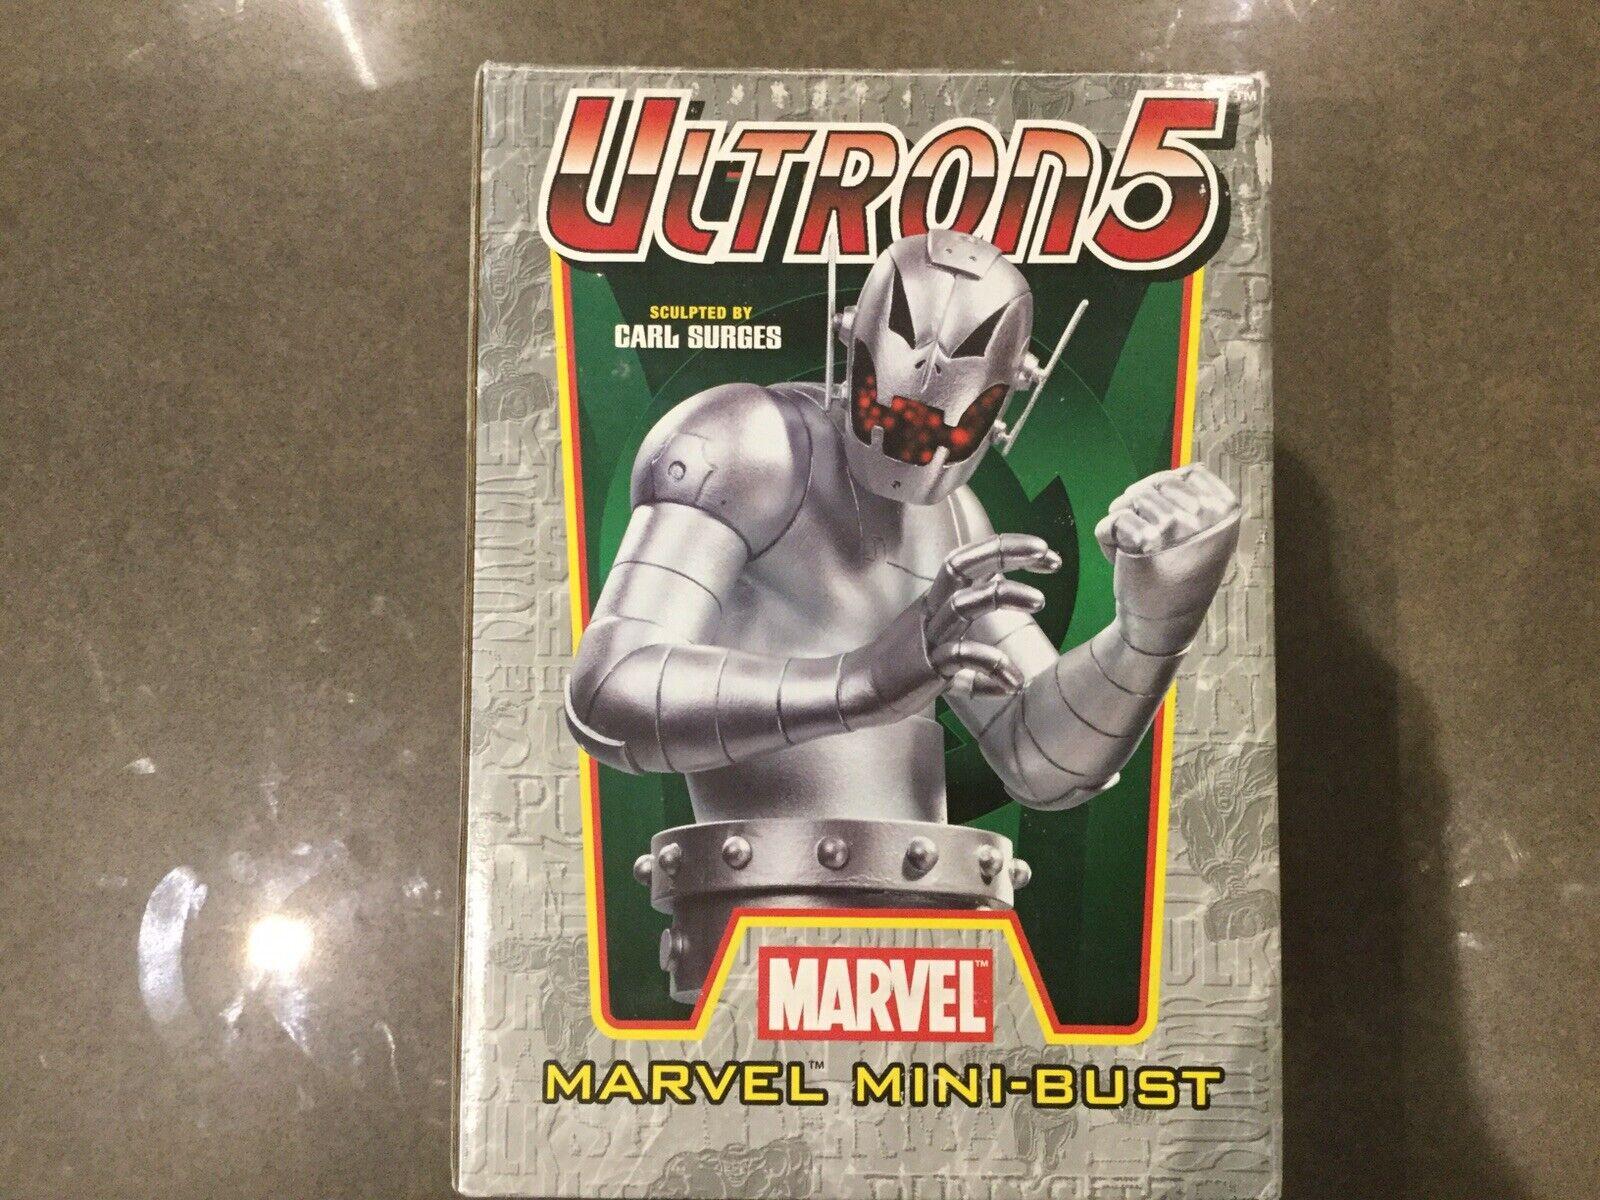 2005 Marvel Bowen Designs Ultron 5 Mini-Bust 1789 3000 Carl Surges